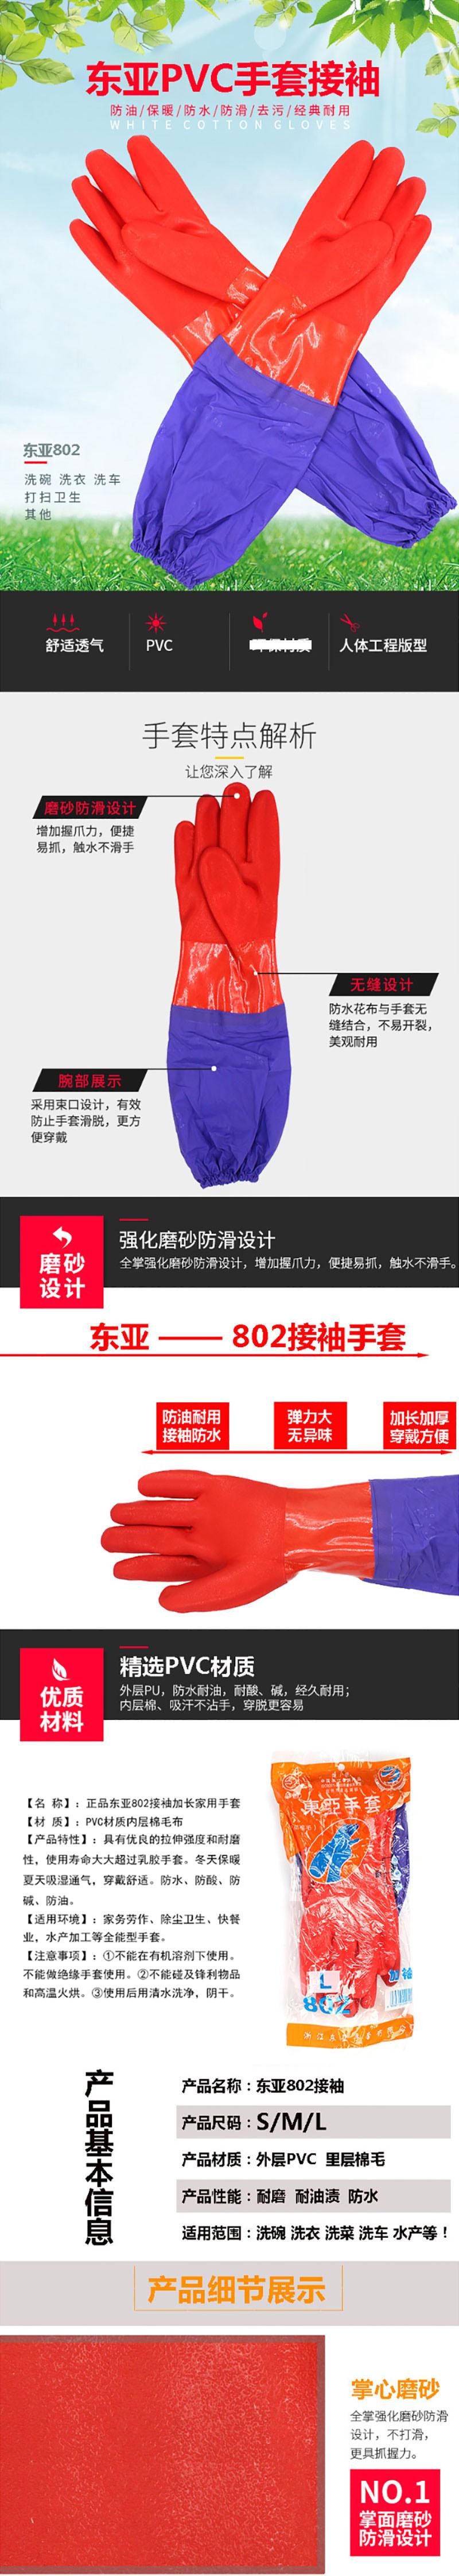 802东亚乳胶手套